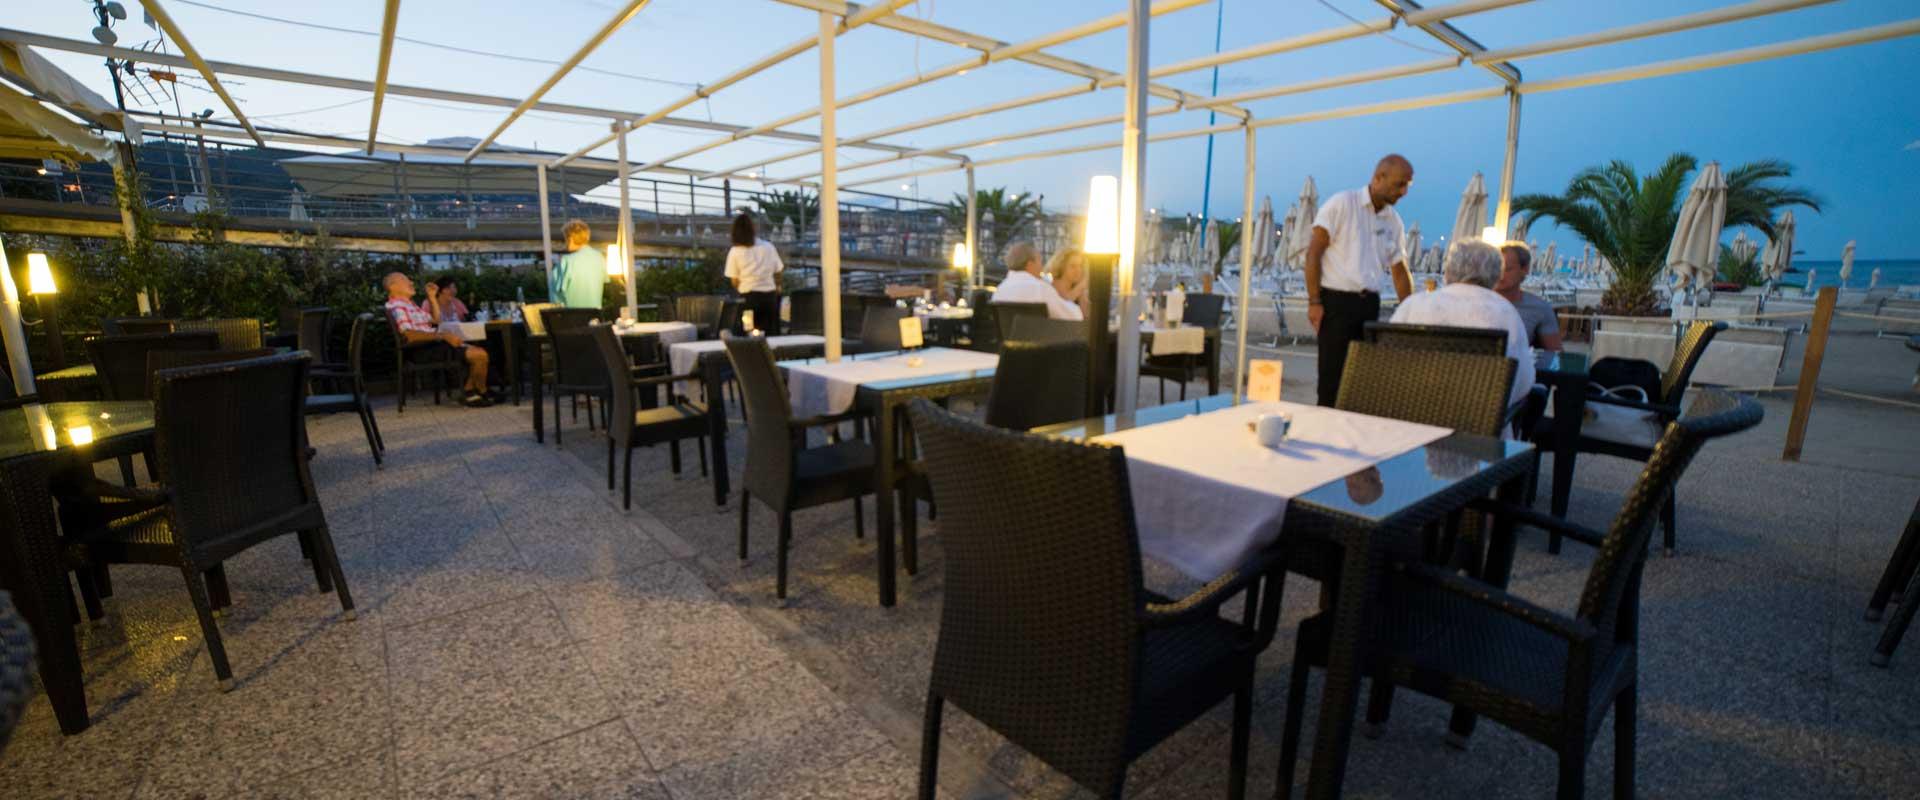 ristorante-esterno